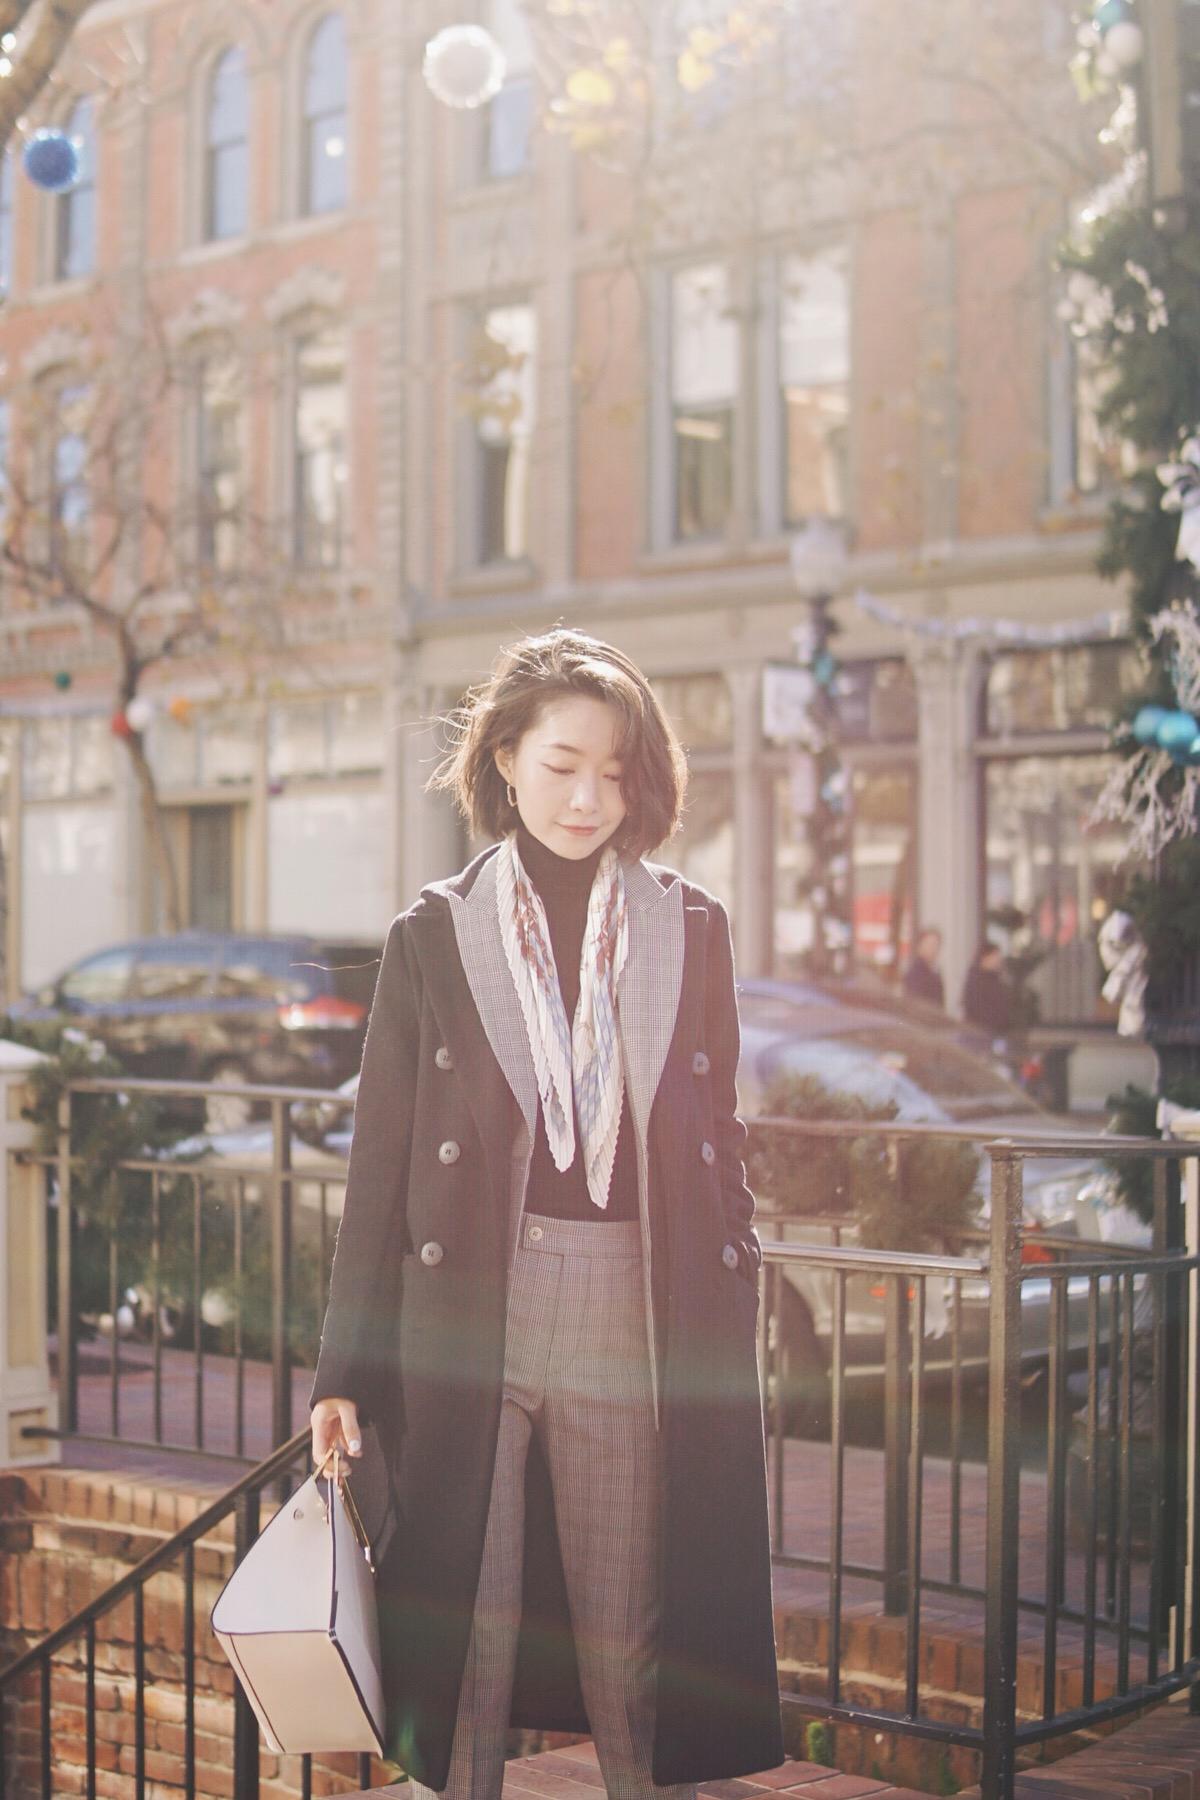 冬天单穿西服套装肯定是冷的,里面套高领内搭,外面再加一件剪裁合适的纯色大衣,保暖又干练 搭配完觉得略显单调,就绕了一条花色小丝巾,配色刚好和包包相同 再把西服领子翻出来,层次感就更丰富了,如此一来,搭配也就更有内容  大衣:Zara旧款 西装:Tie for her 包:Incomplete 高领内搭:优衣库 鞋子:Cole Haan #穿外套搭包,原来套路这么多!#